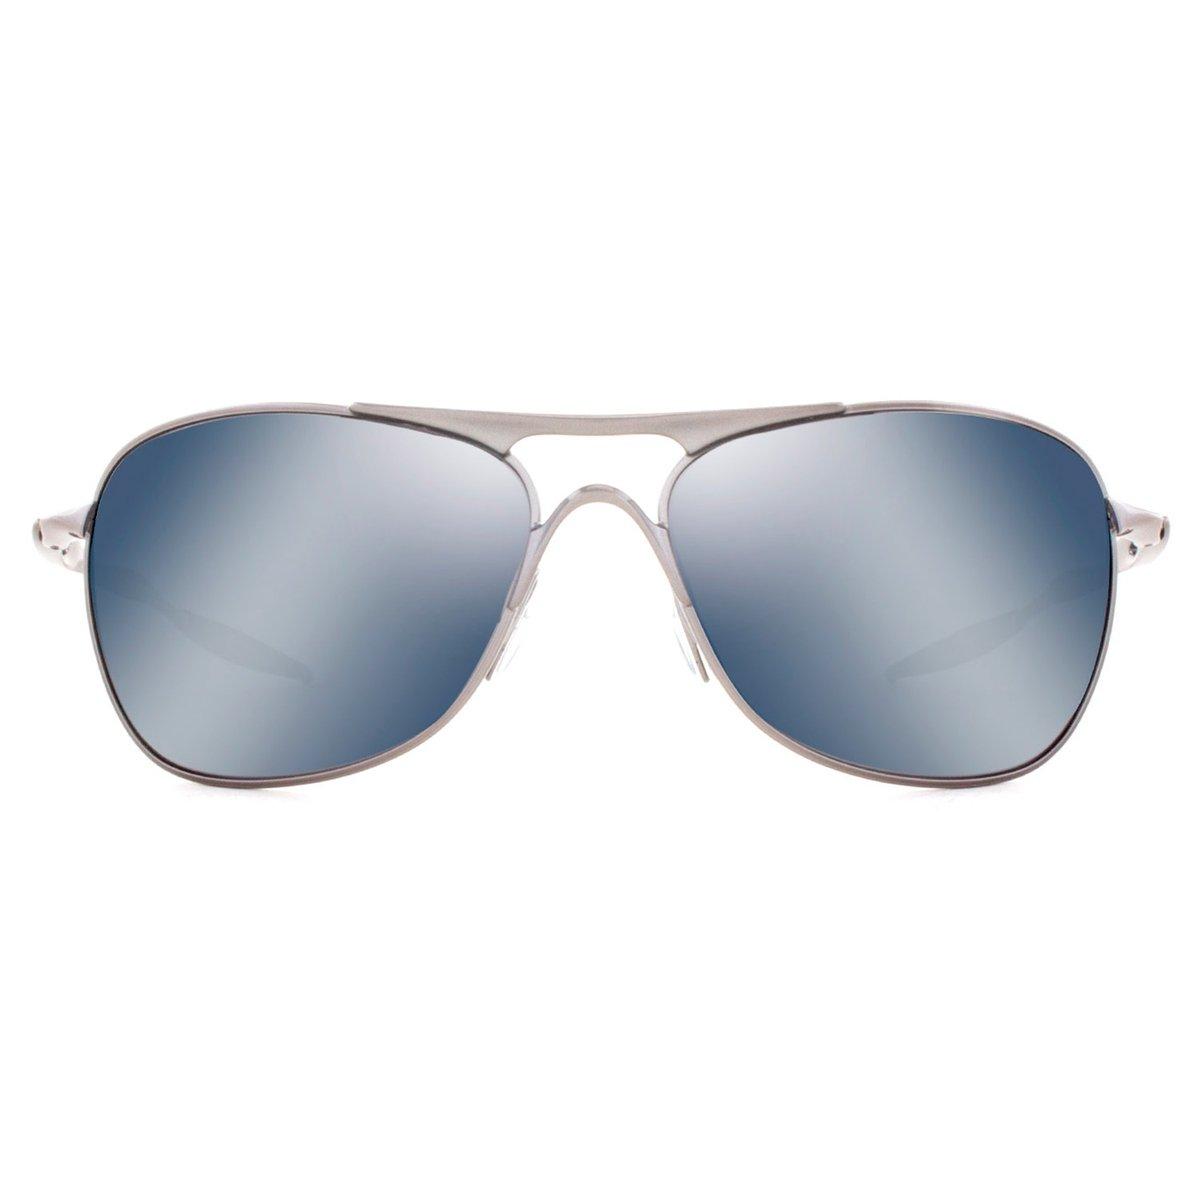 Óculos de Sol Oakley Crosshair Polarizado OO4060 06-61 Masculino ... b0444b02f3